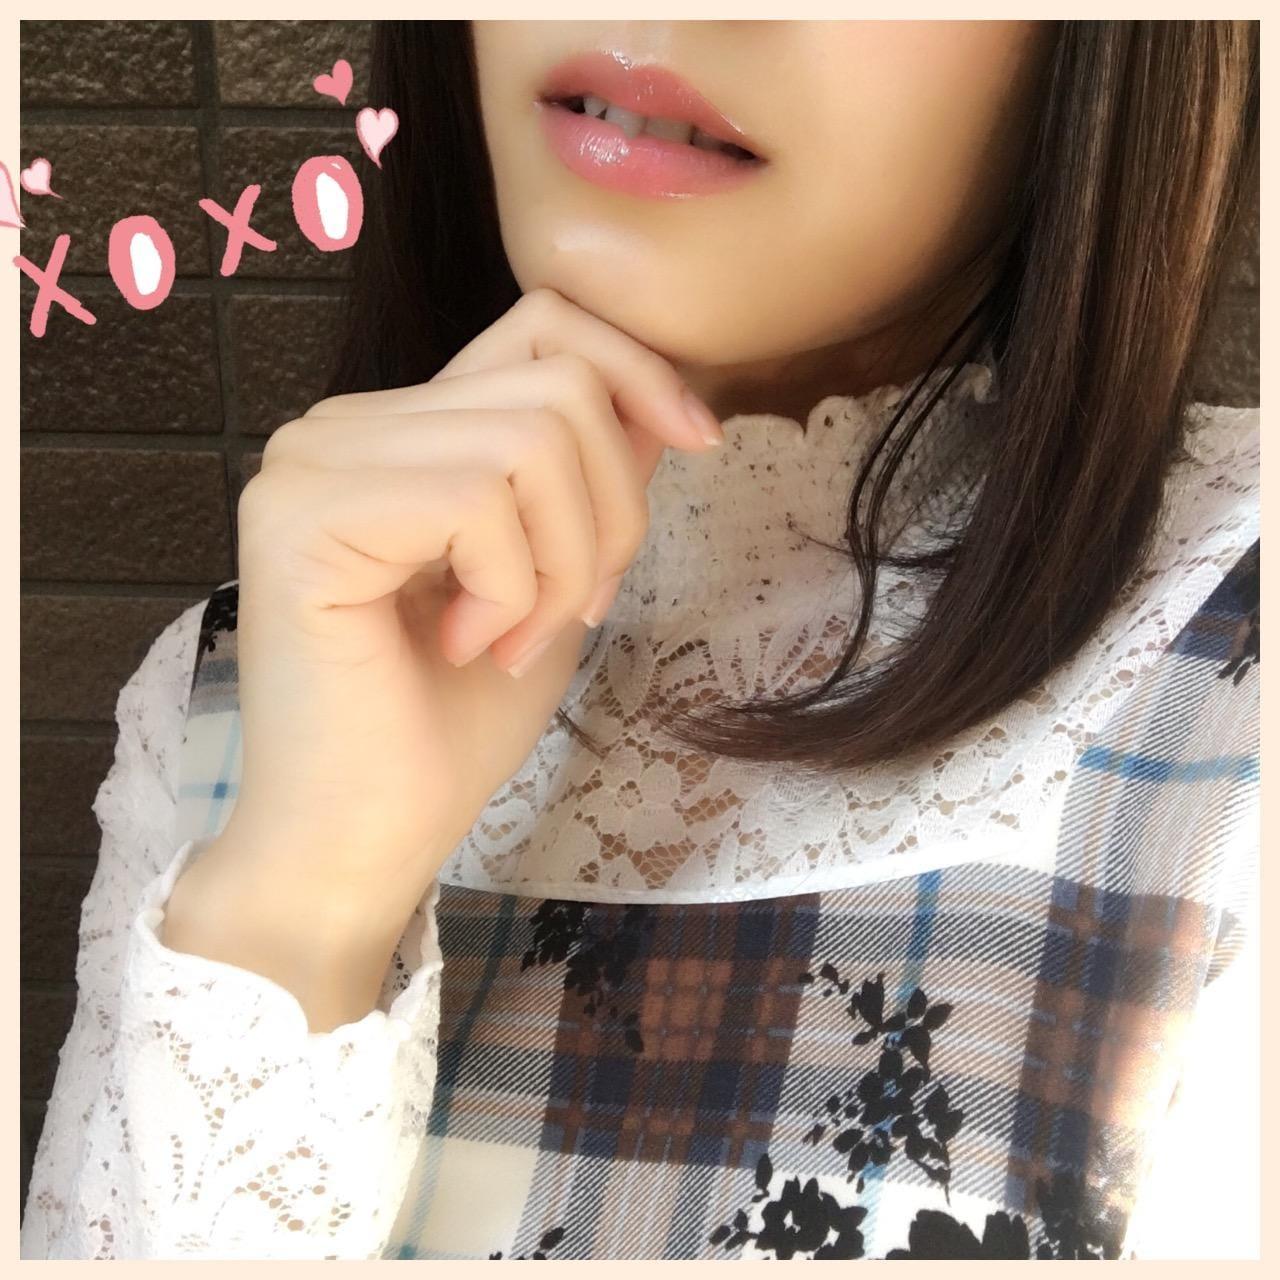 「Good  Morning  Night」12/11(12/11) 23:56 | 竹内涼子の写メ・風俗動画